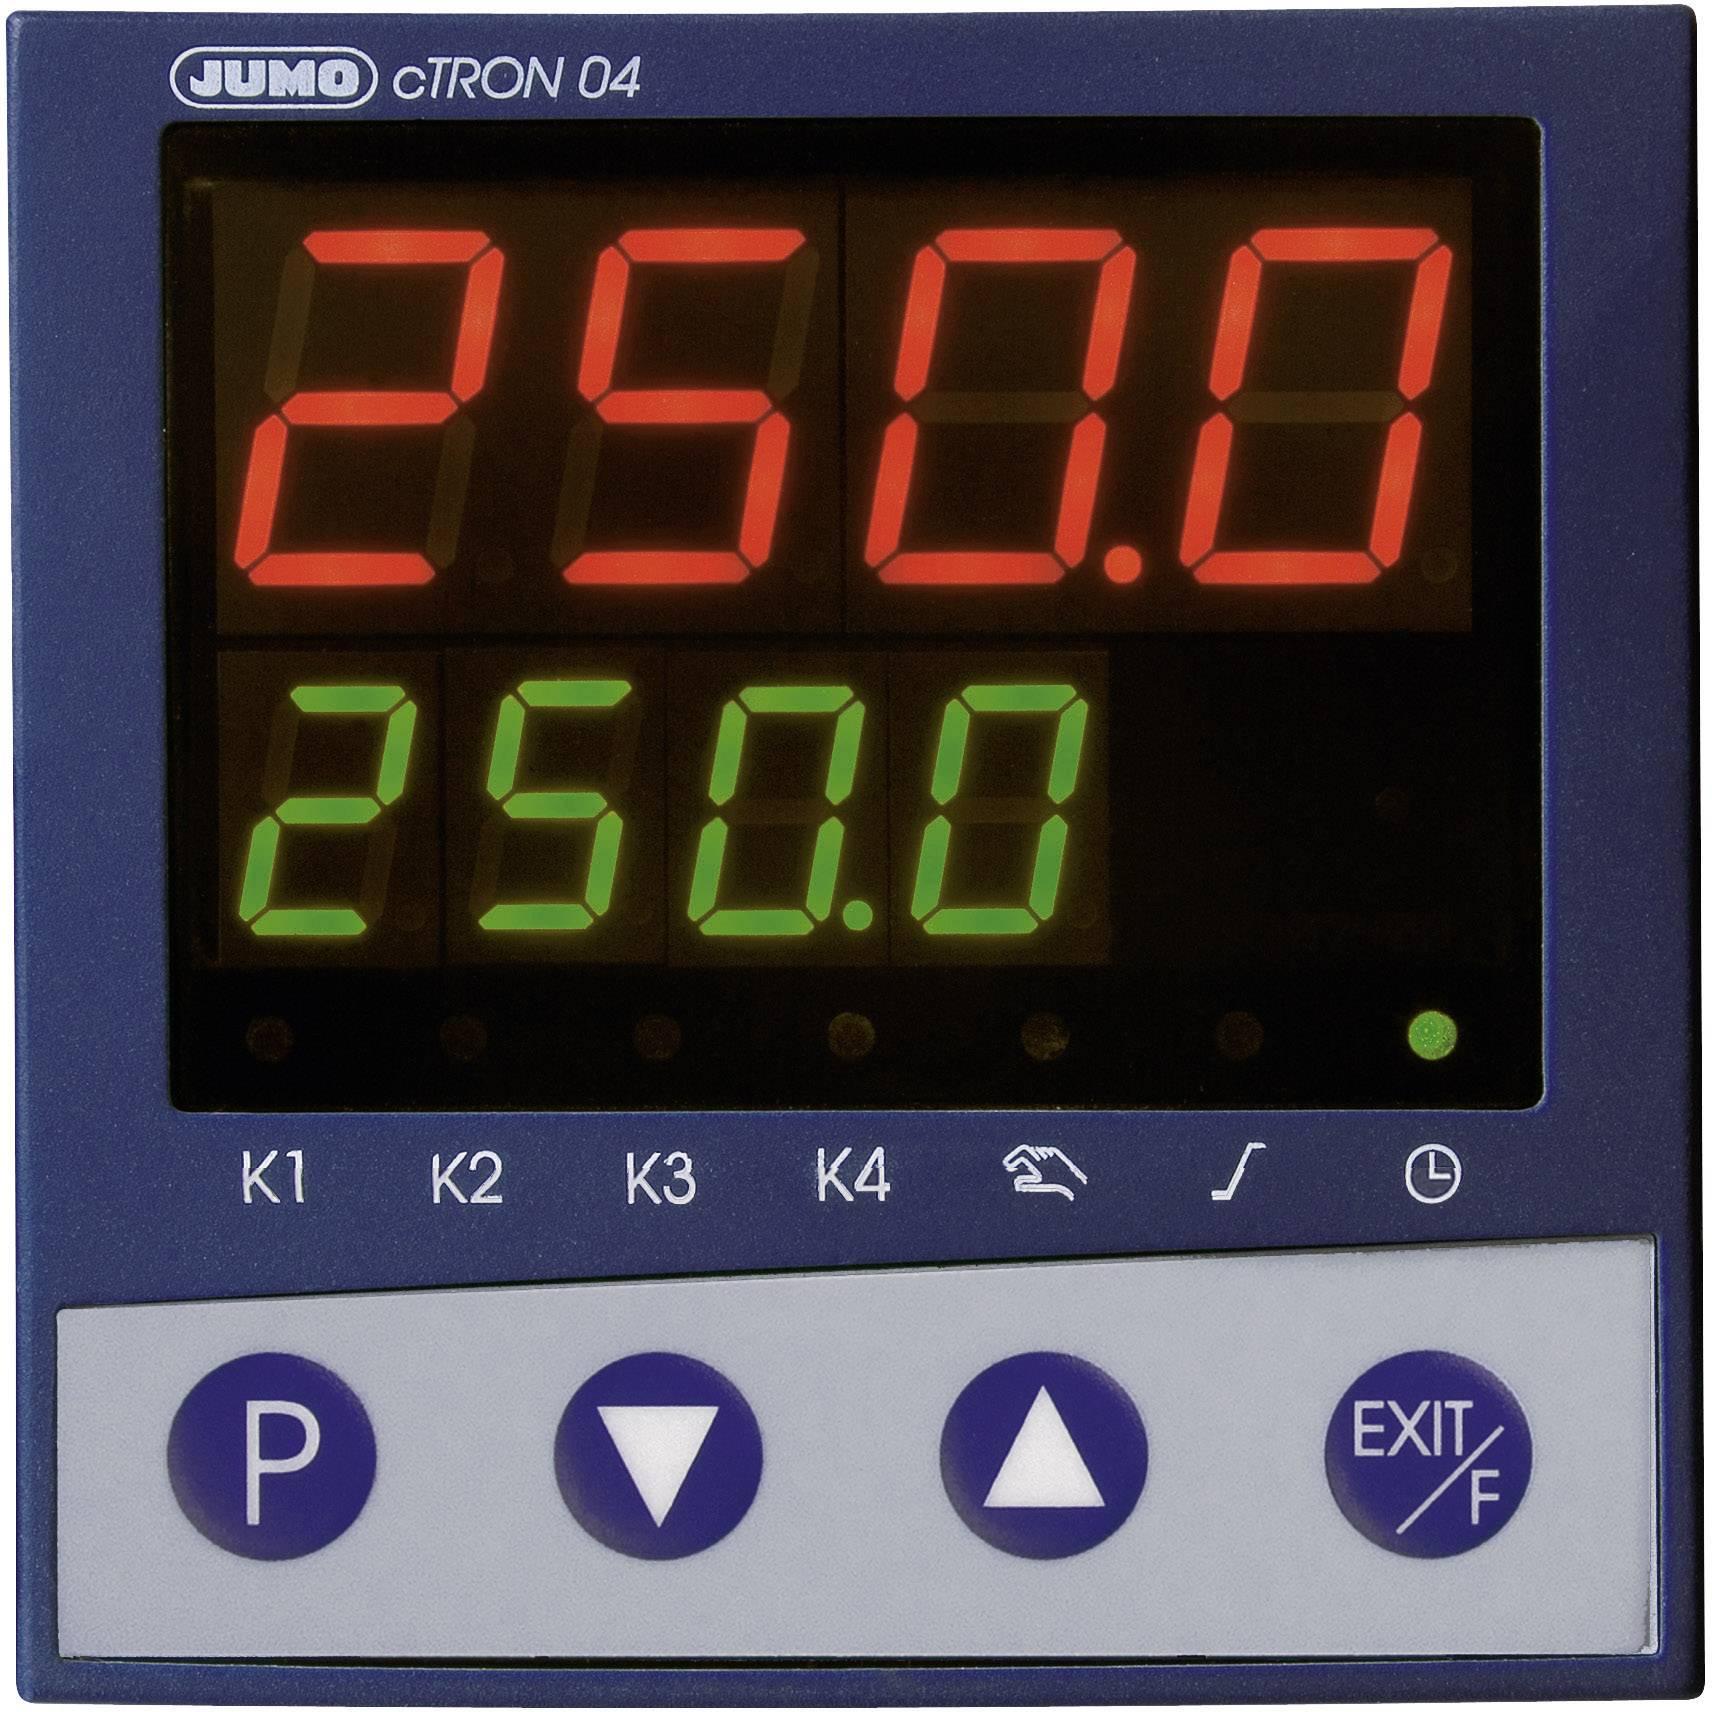 Kompaktný trojstupňový termostat s časovačom Jumo CTRON04, 110 - 240 V/AC